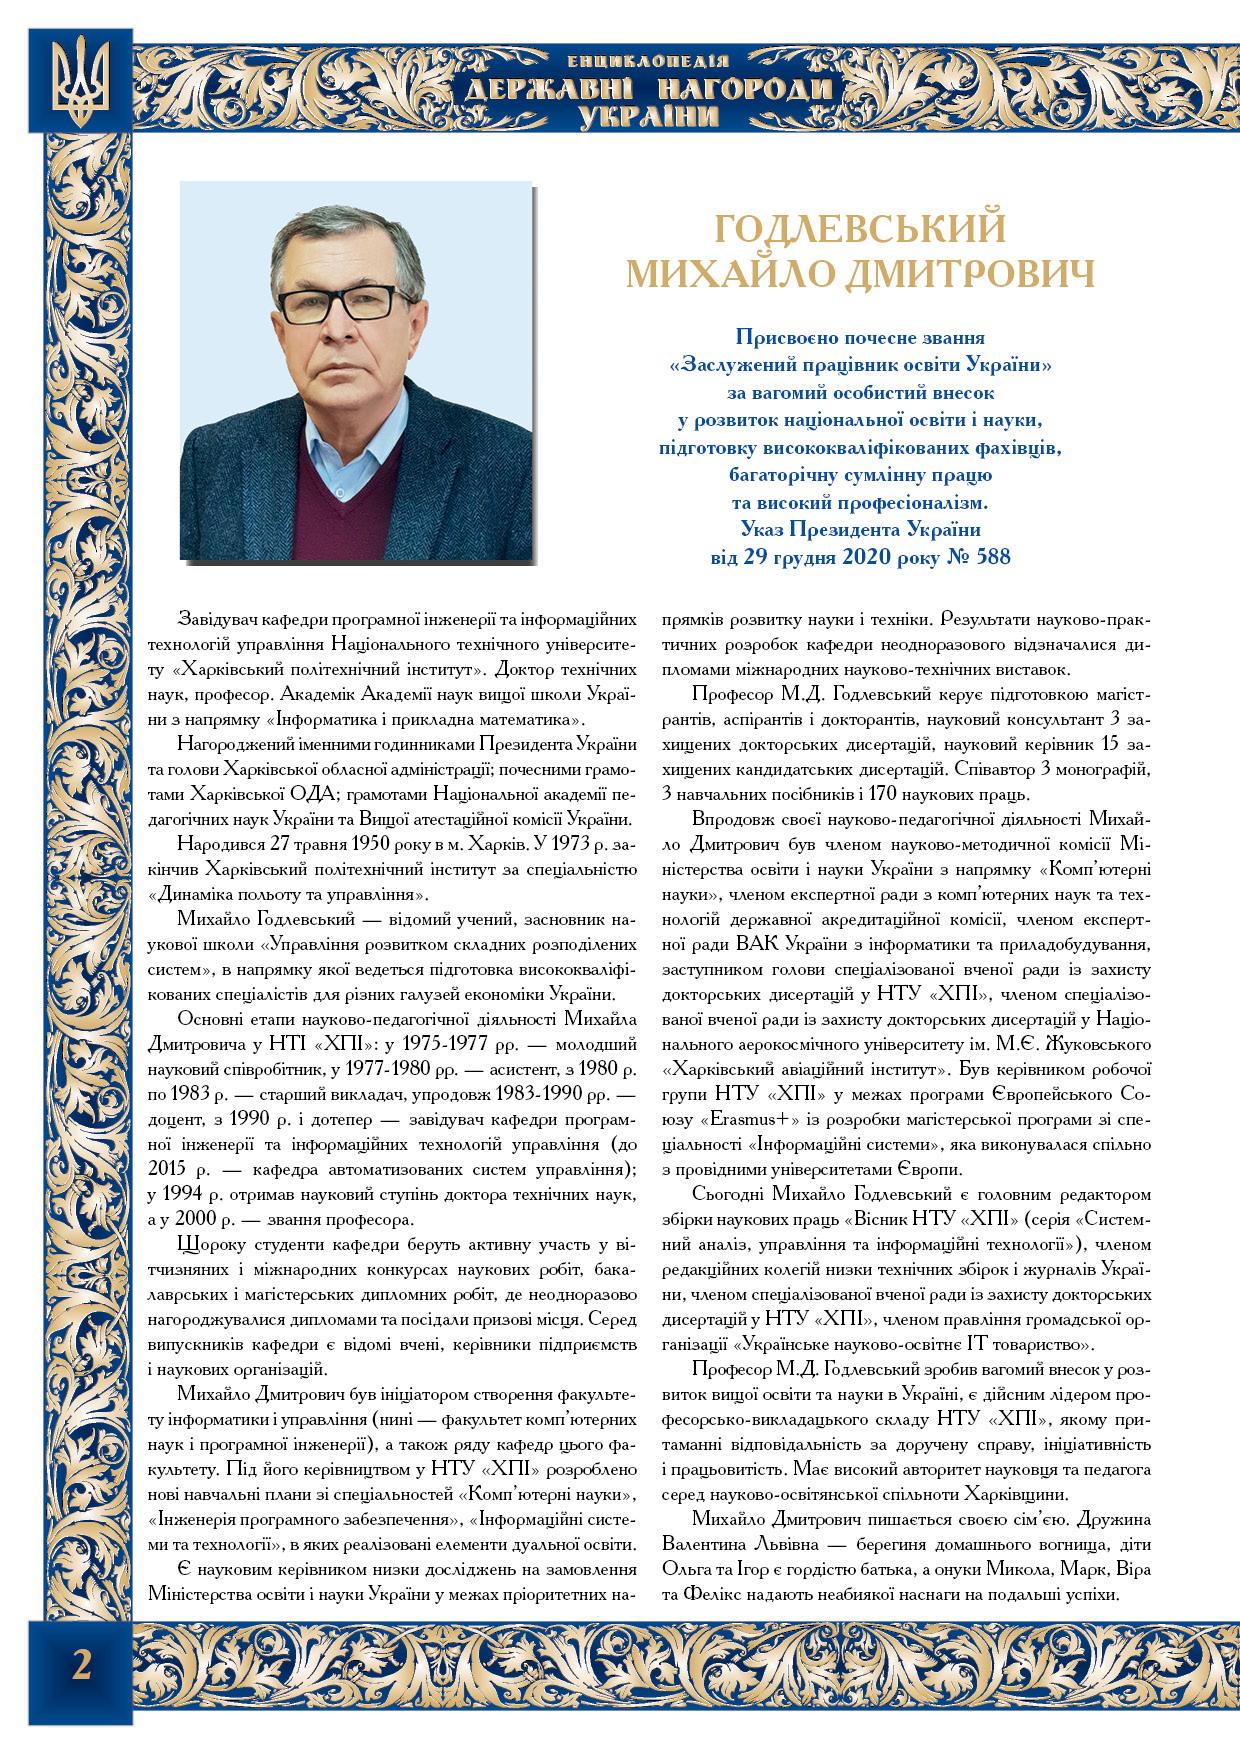 Годлевський Михайло Дмитрович